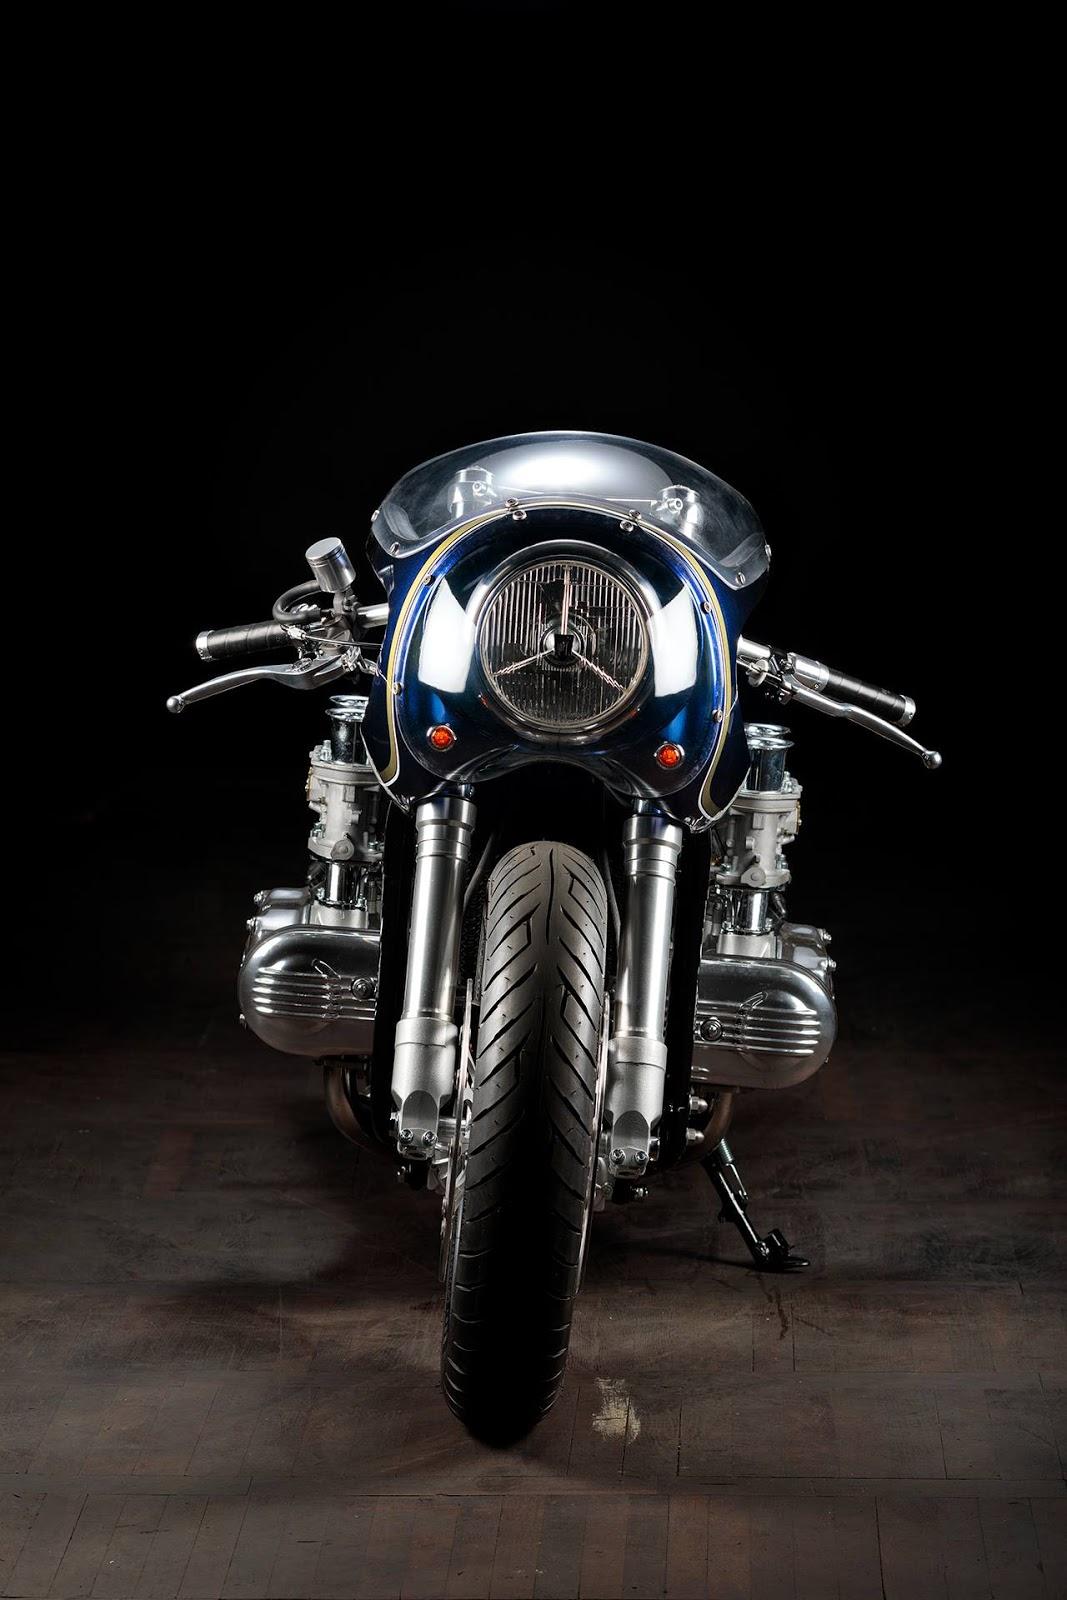 Honda GL 1000 »Blueberry Bomber«.